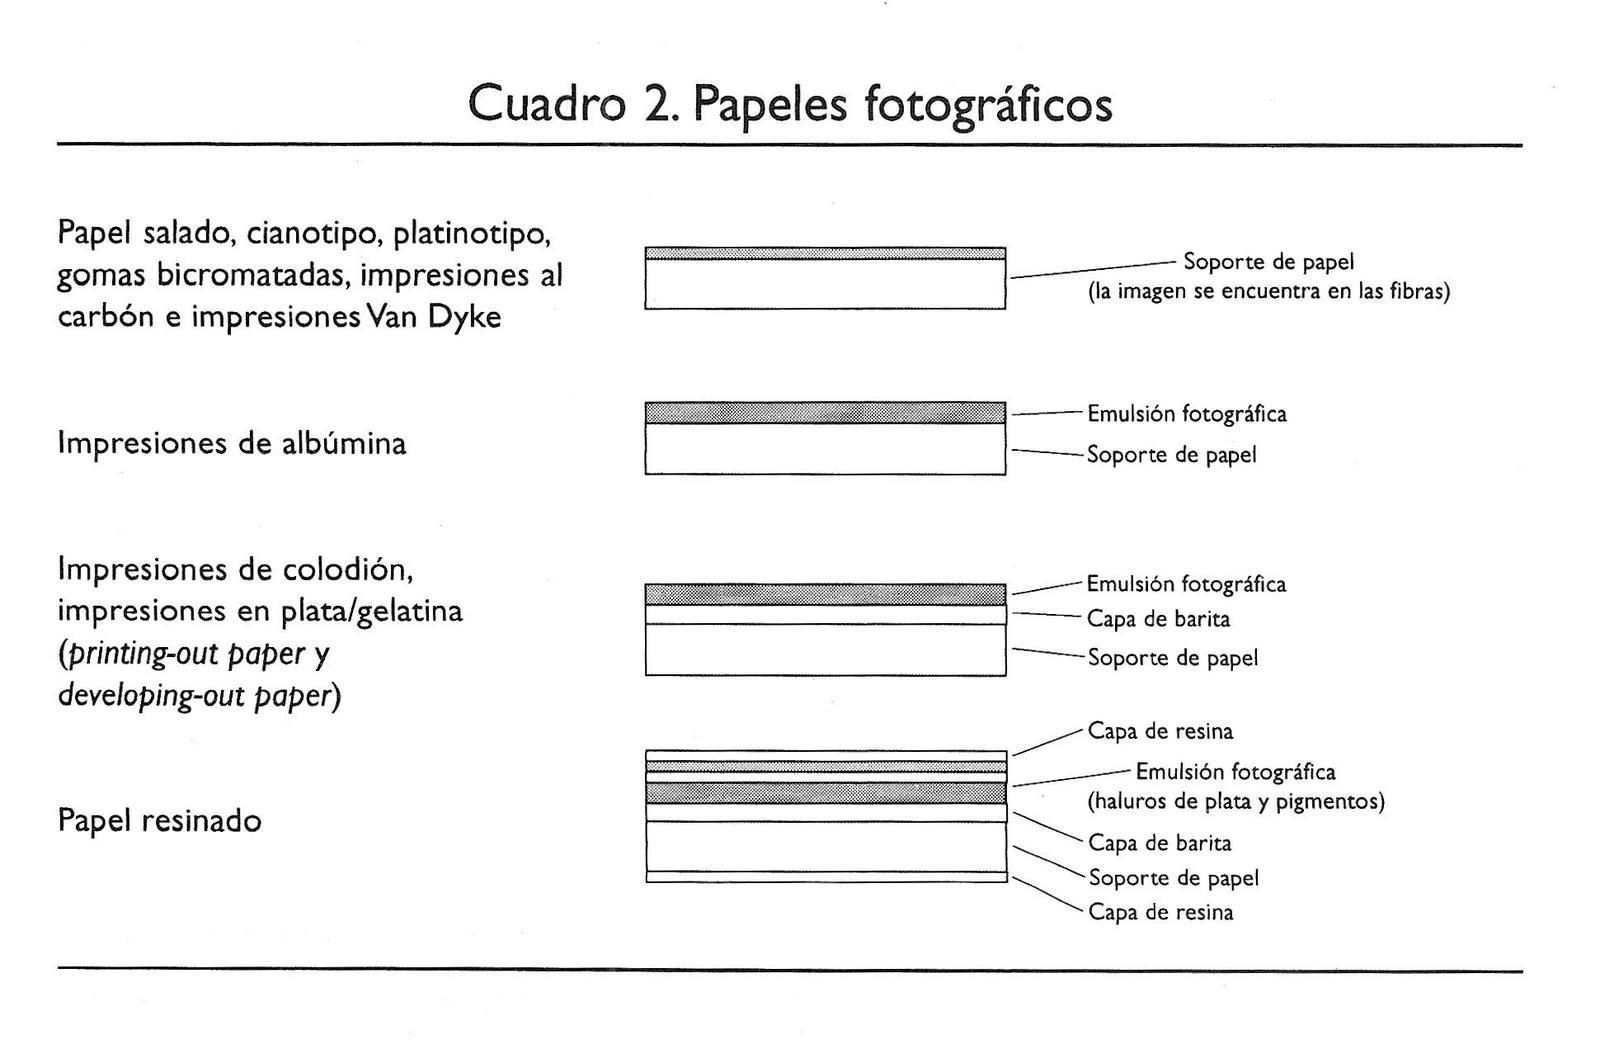 Cuadro 2. Papeles fotográficos